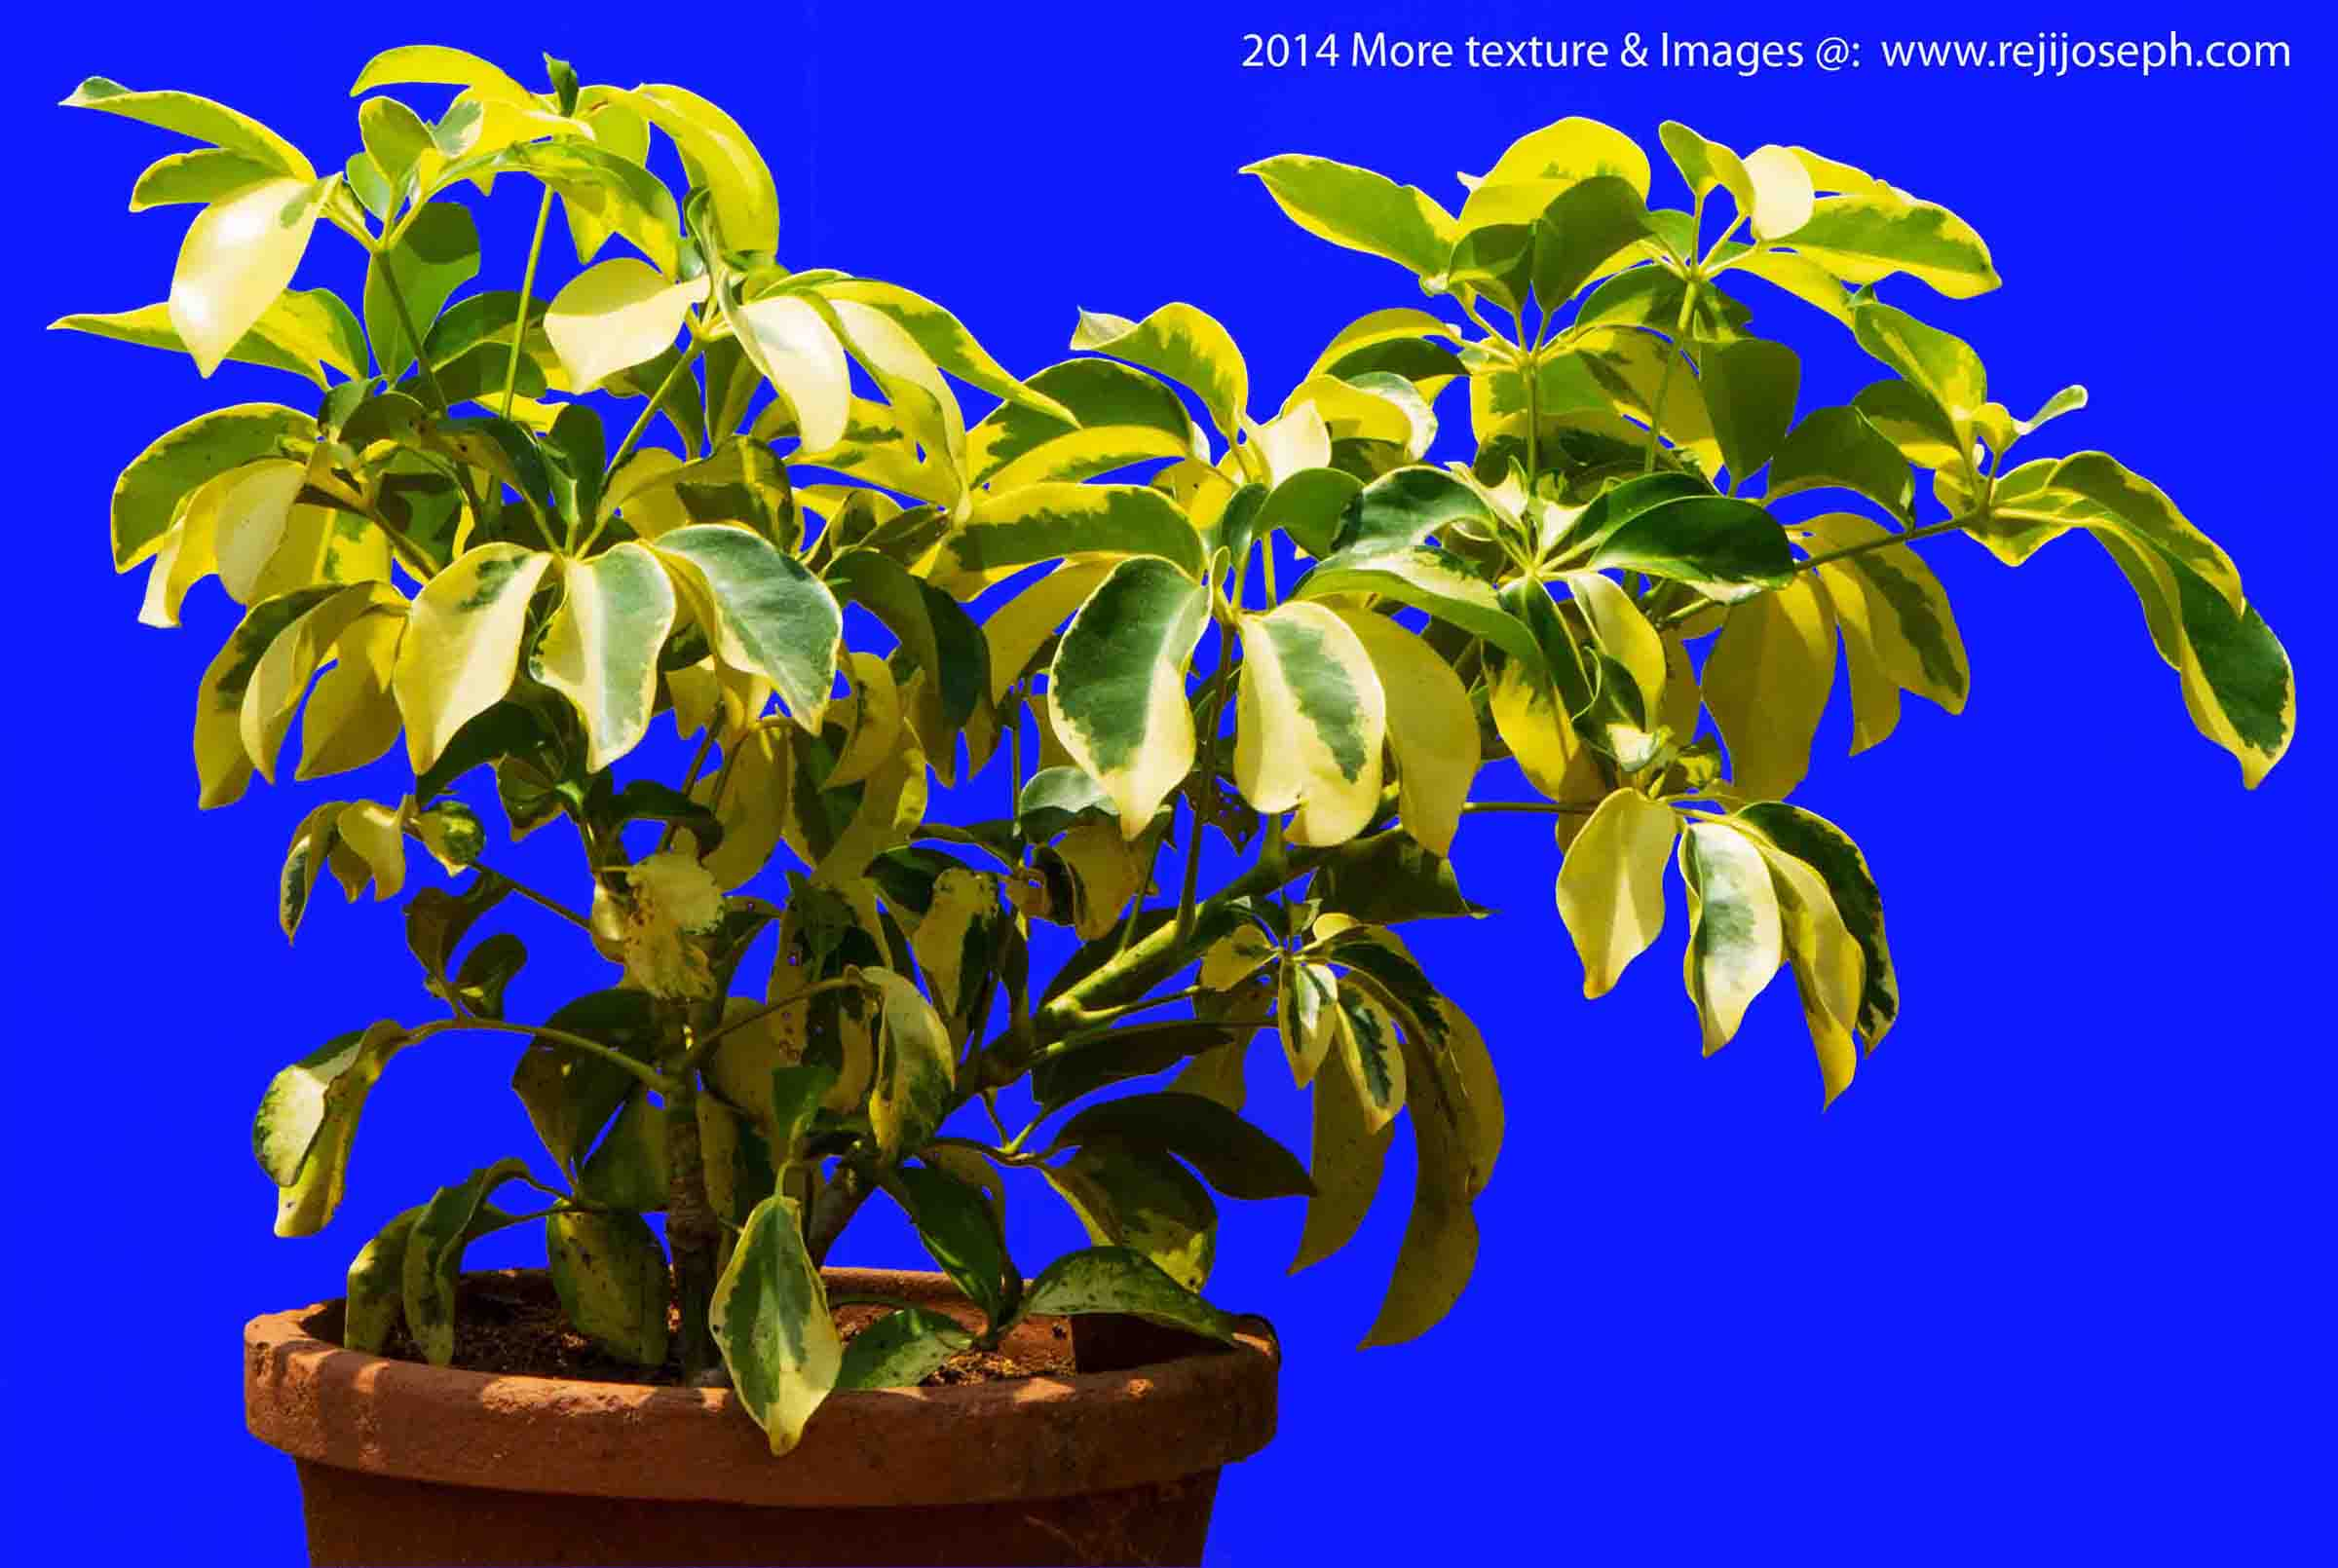 Croton Garden Plant Texture 00001